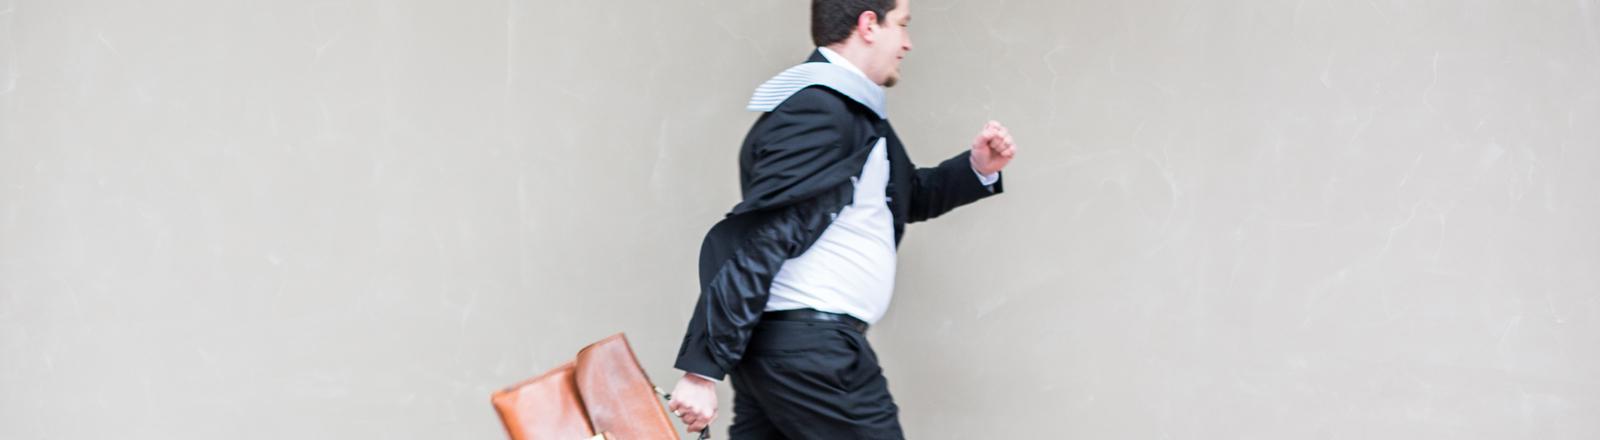 mann im anzug mit tasche in der hand